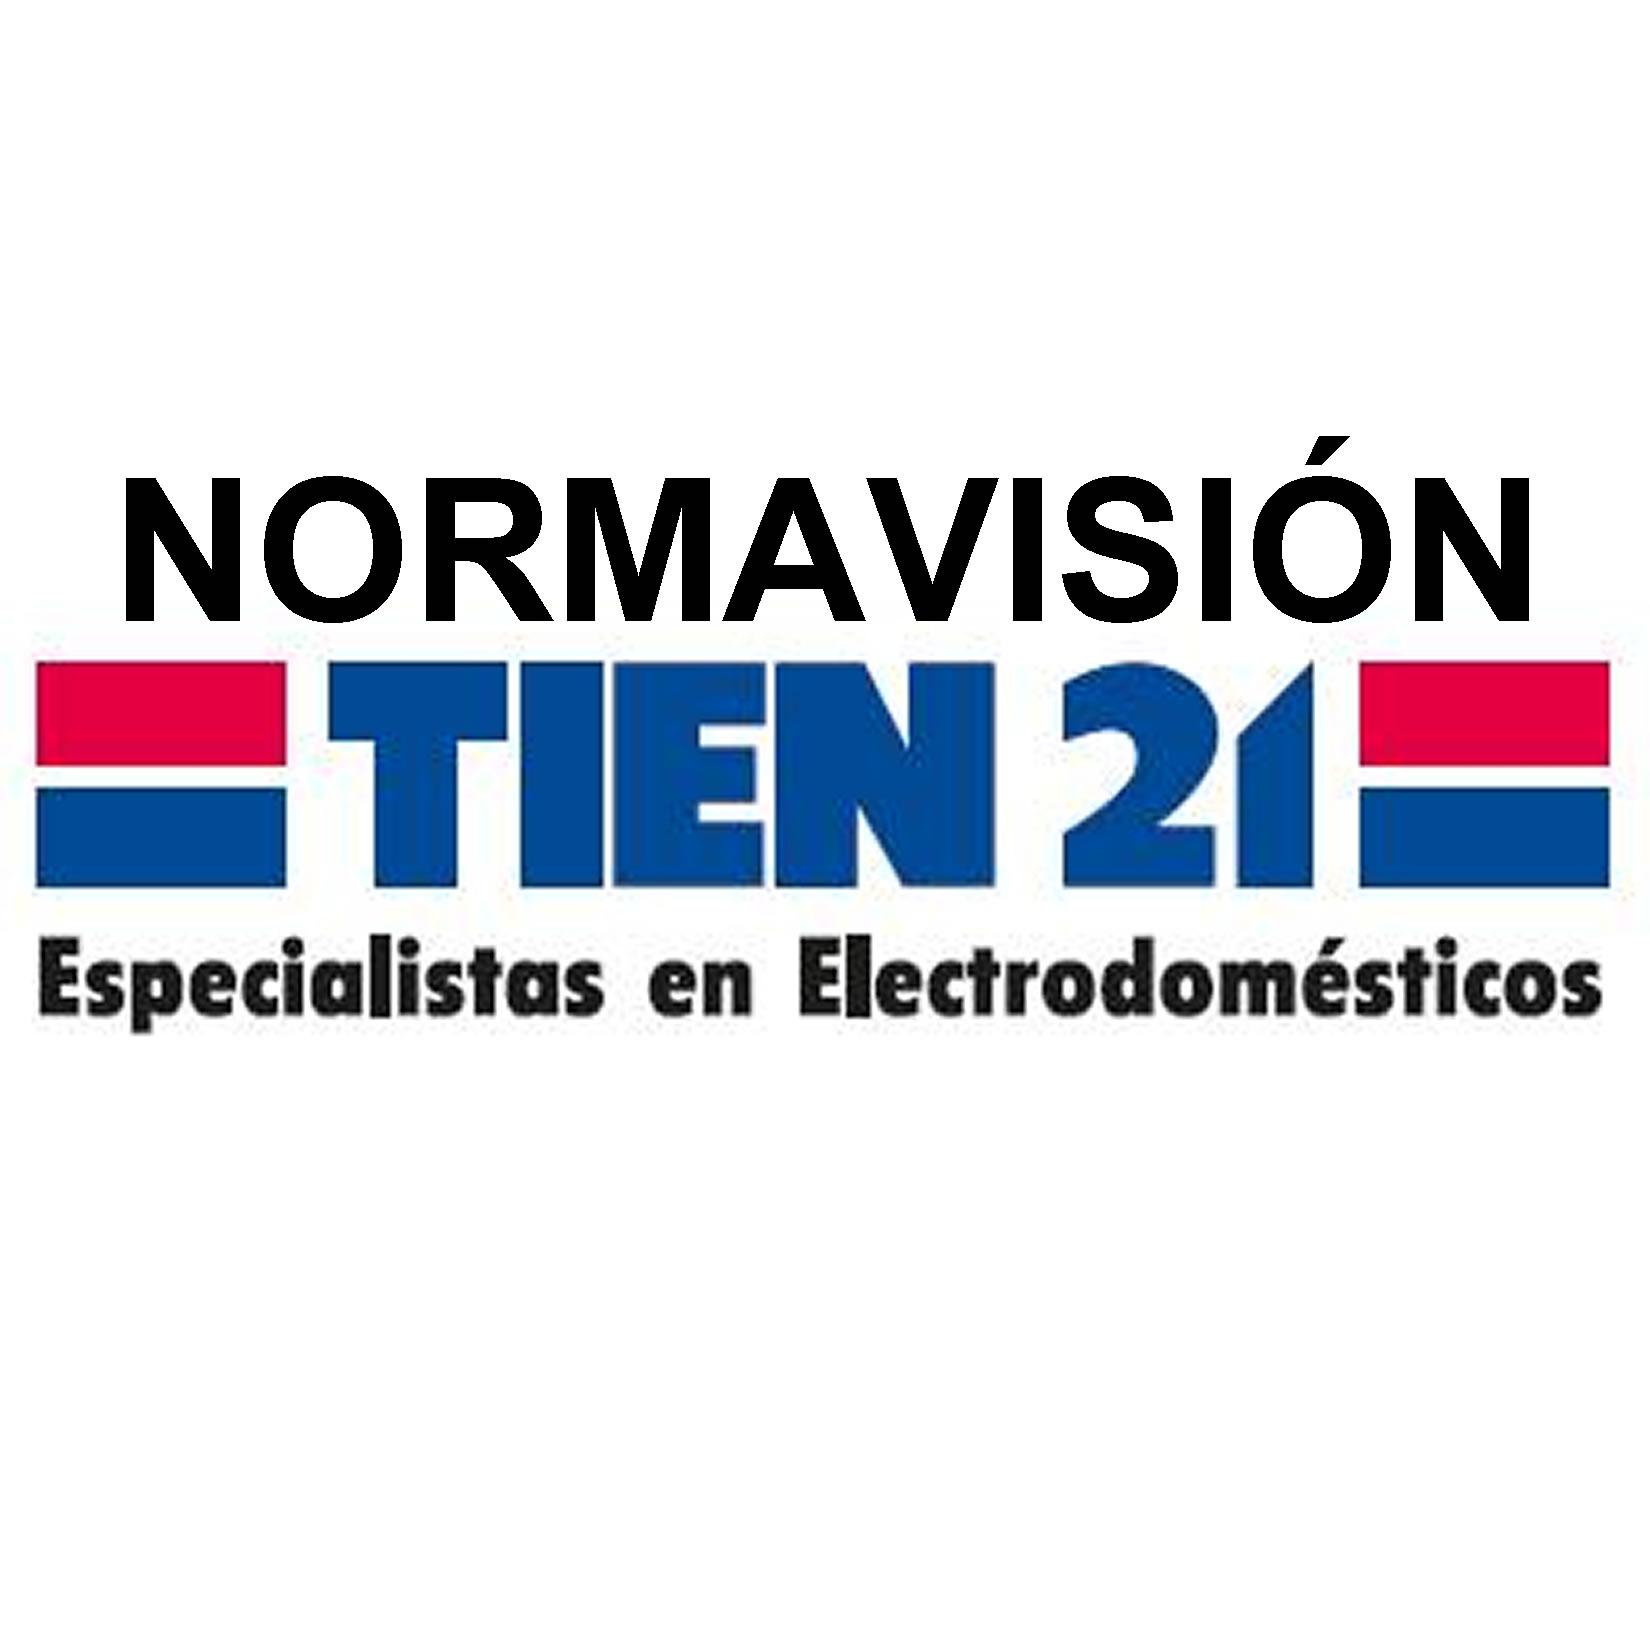 Normavisión